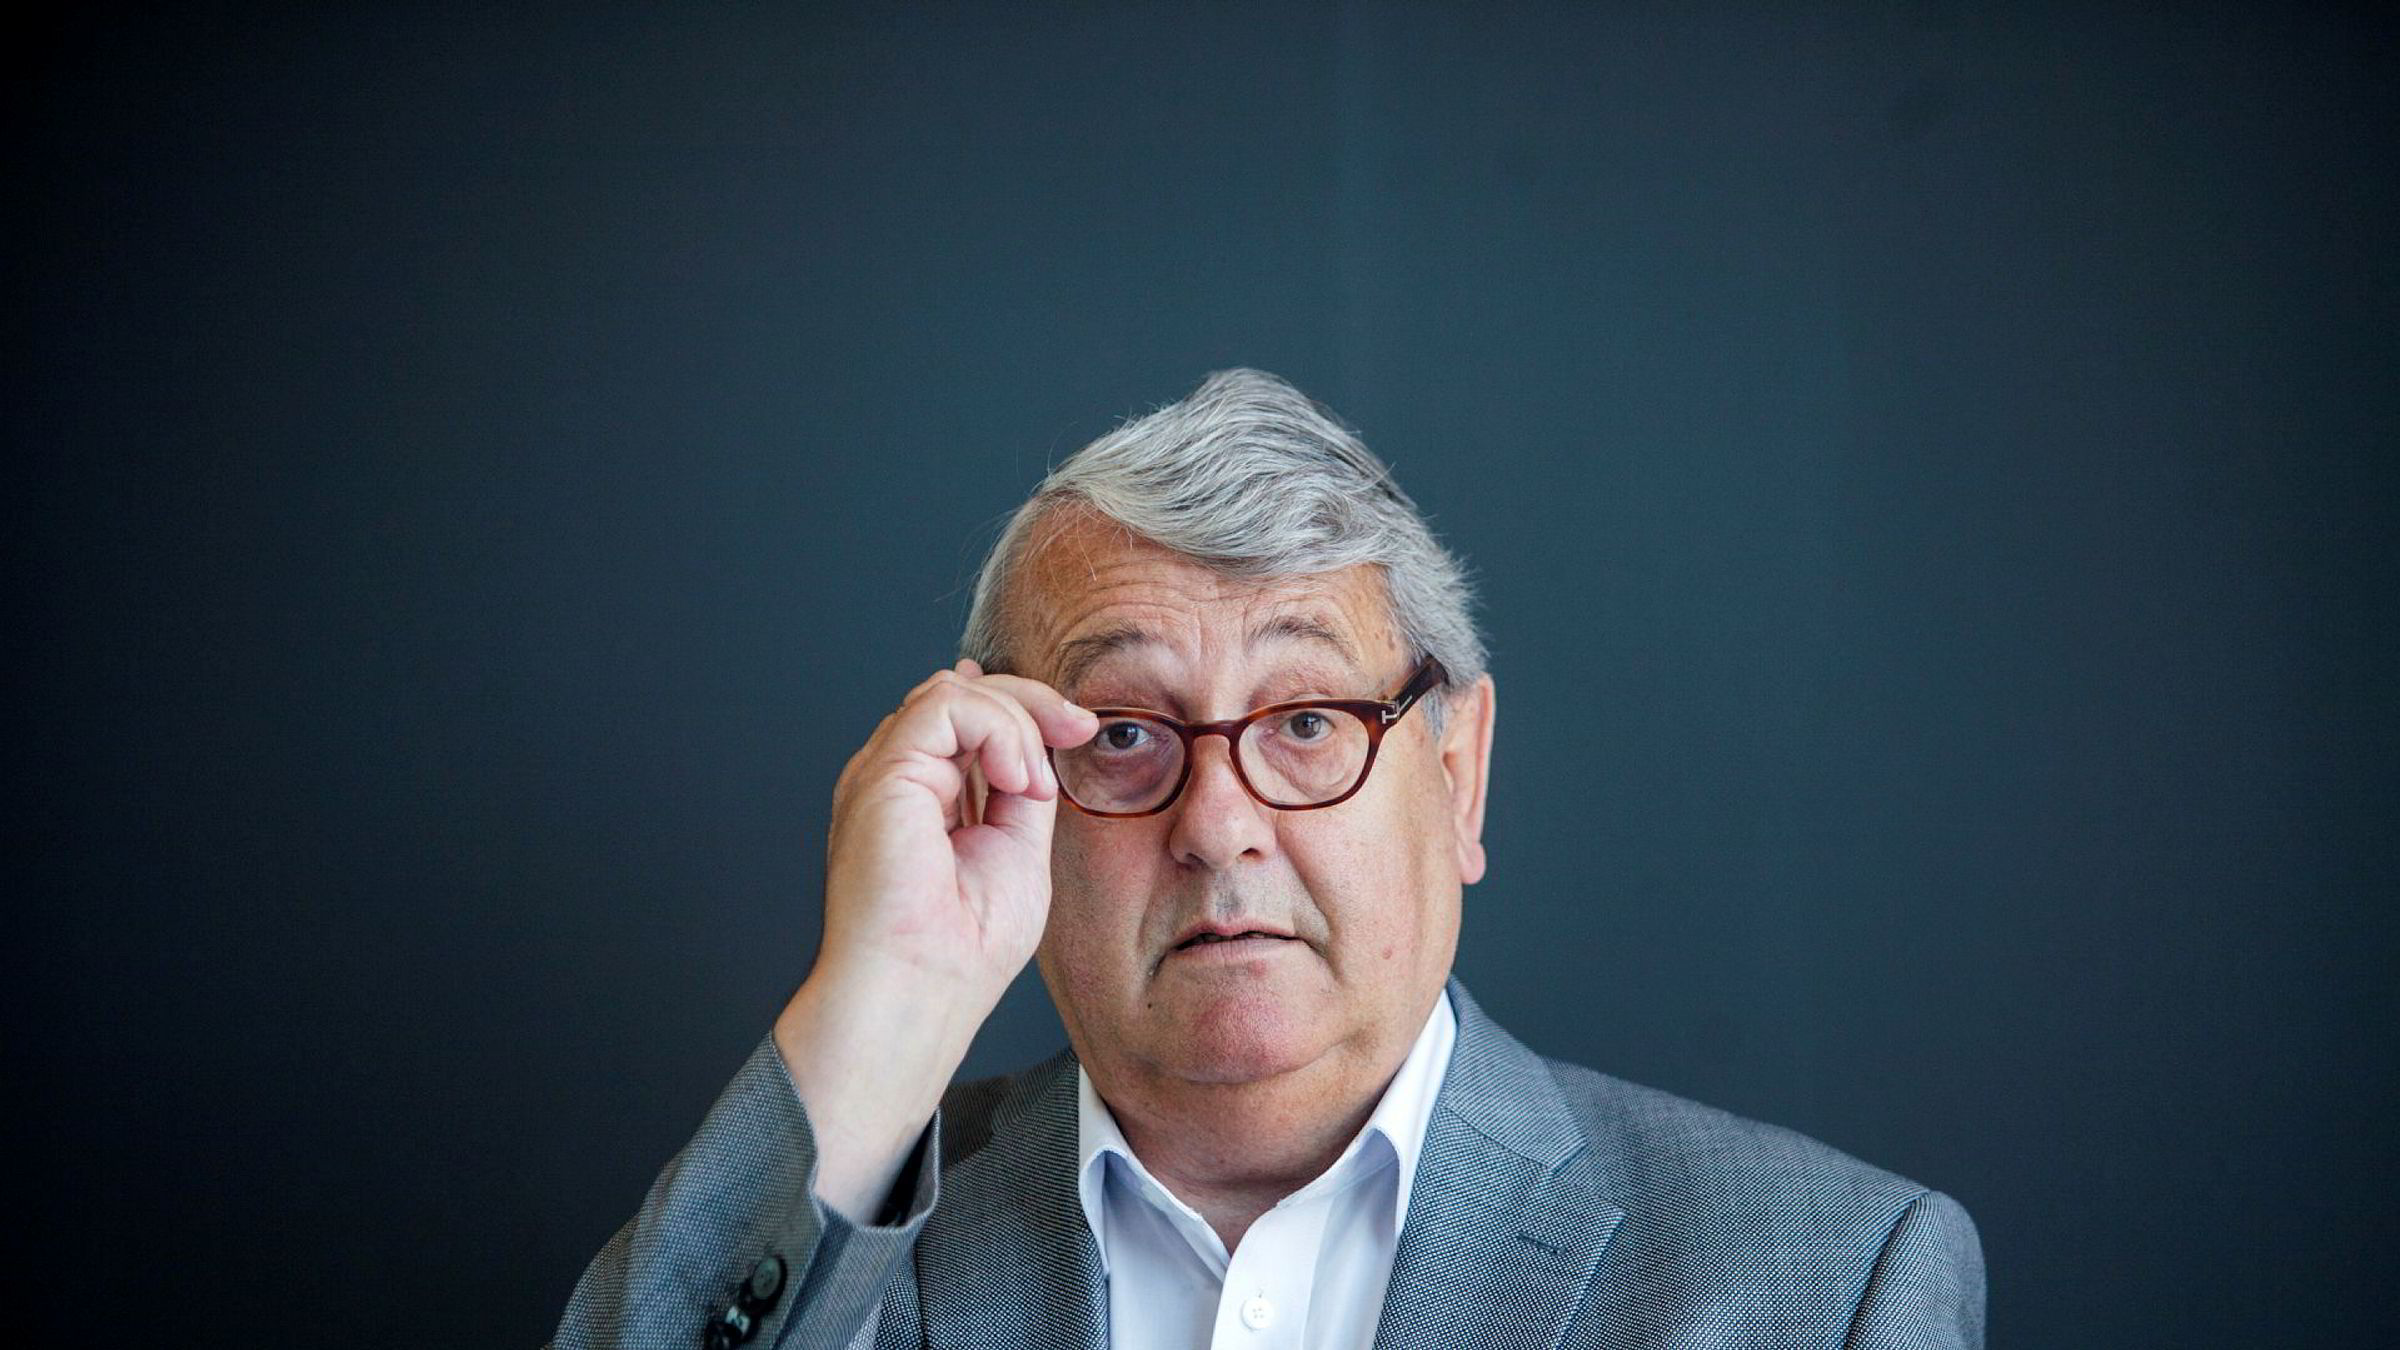 Riksrevisor Per-Kristian Foss har nok en gang fått kritikk for sin lederstil.